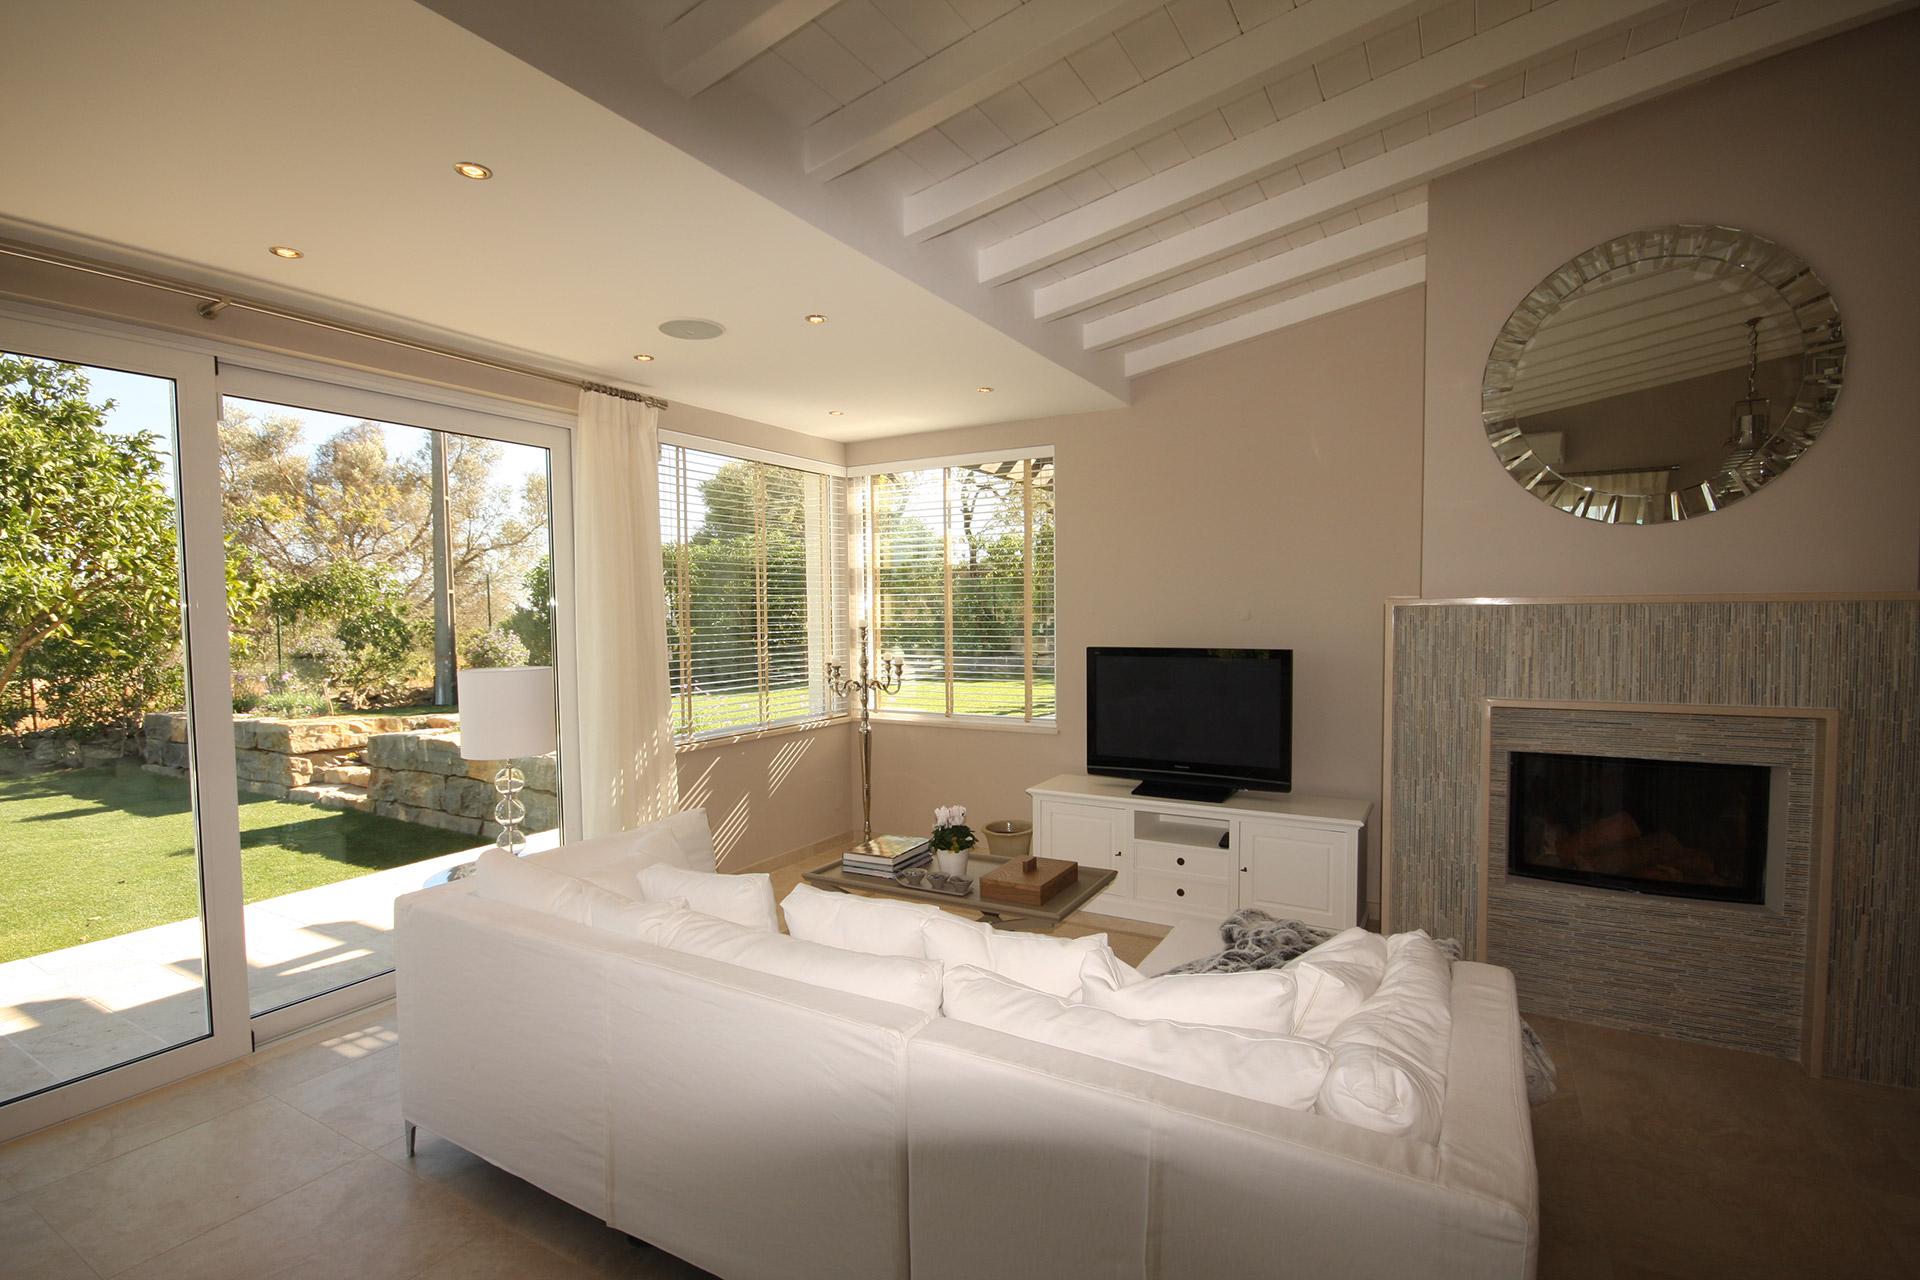 Fireplace area